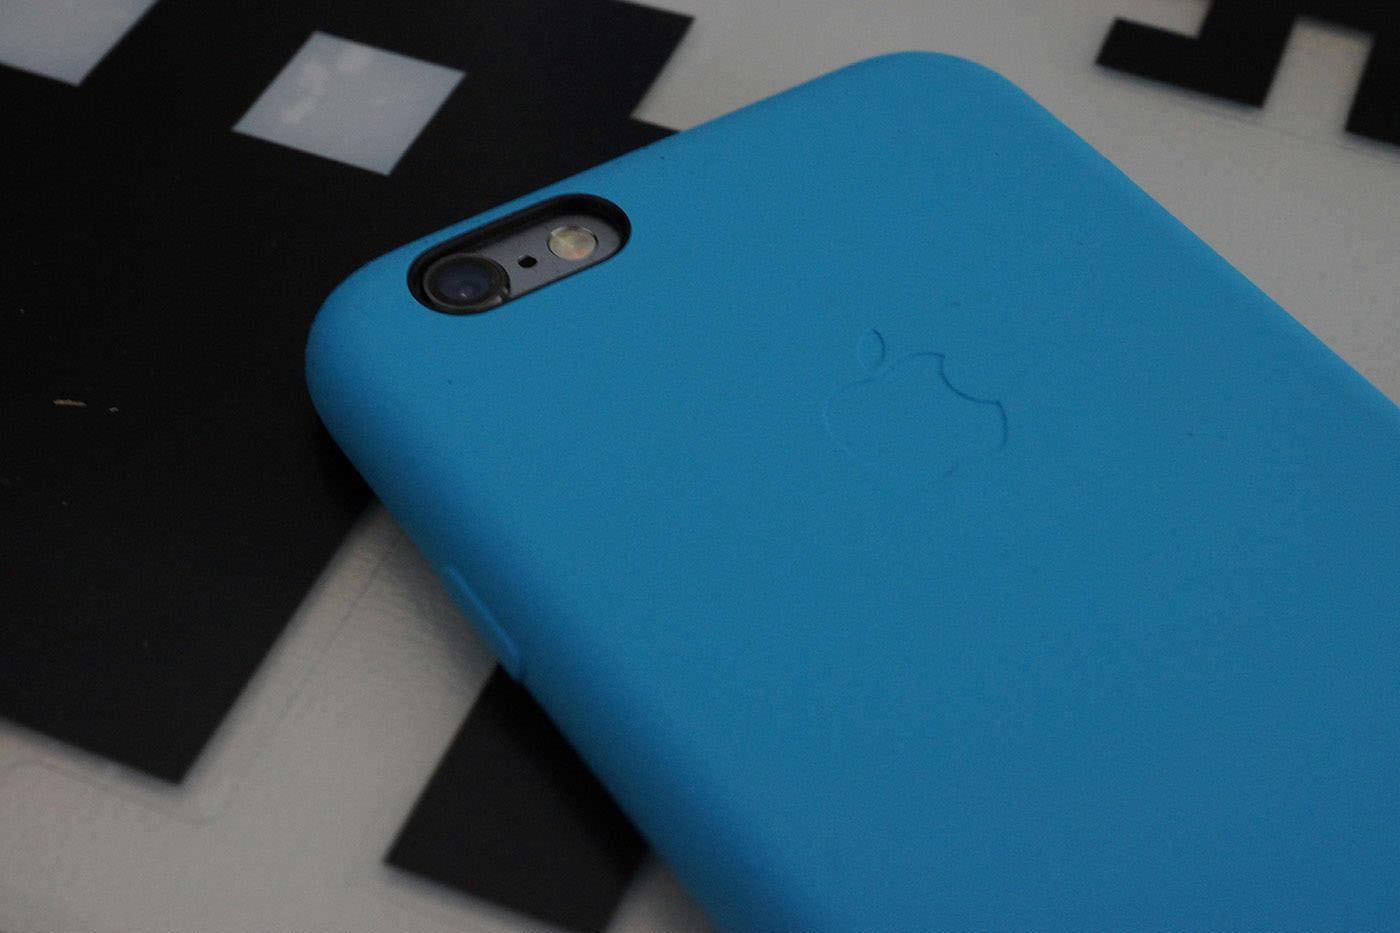 iPhone 6 Test eines Android-Umsteigers techboys.de • smarte News, auf den Punkt!